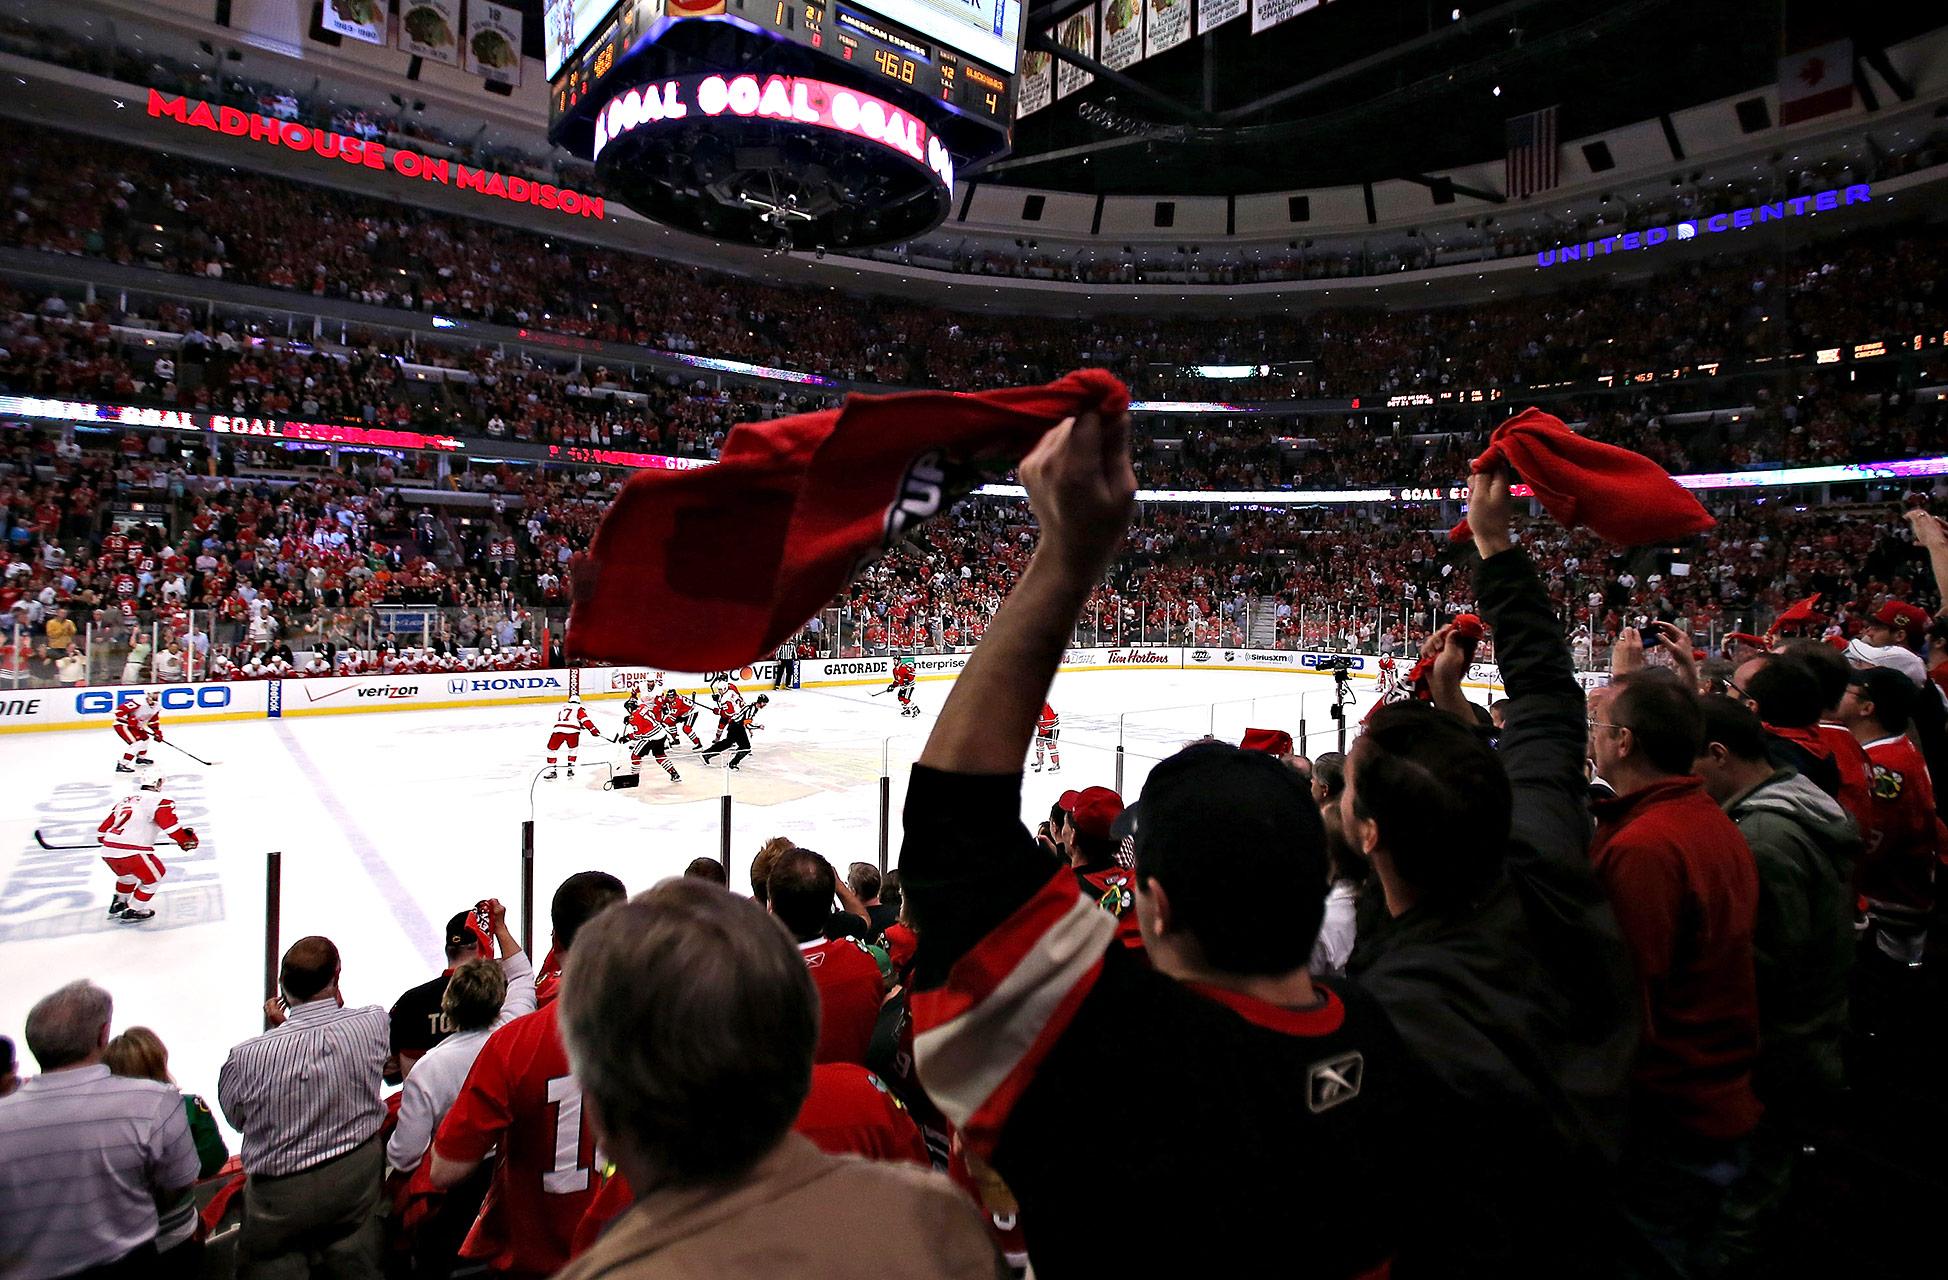 Blackhawks-Red Wings Game 1